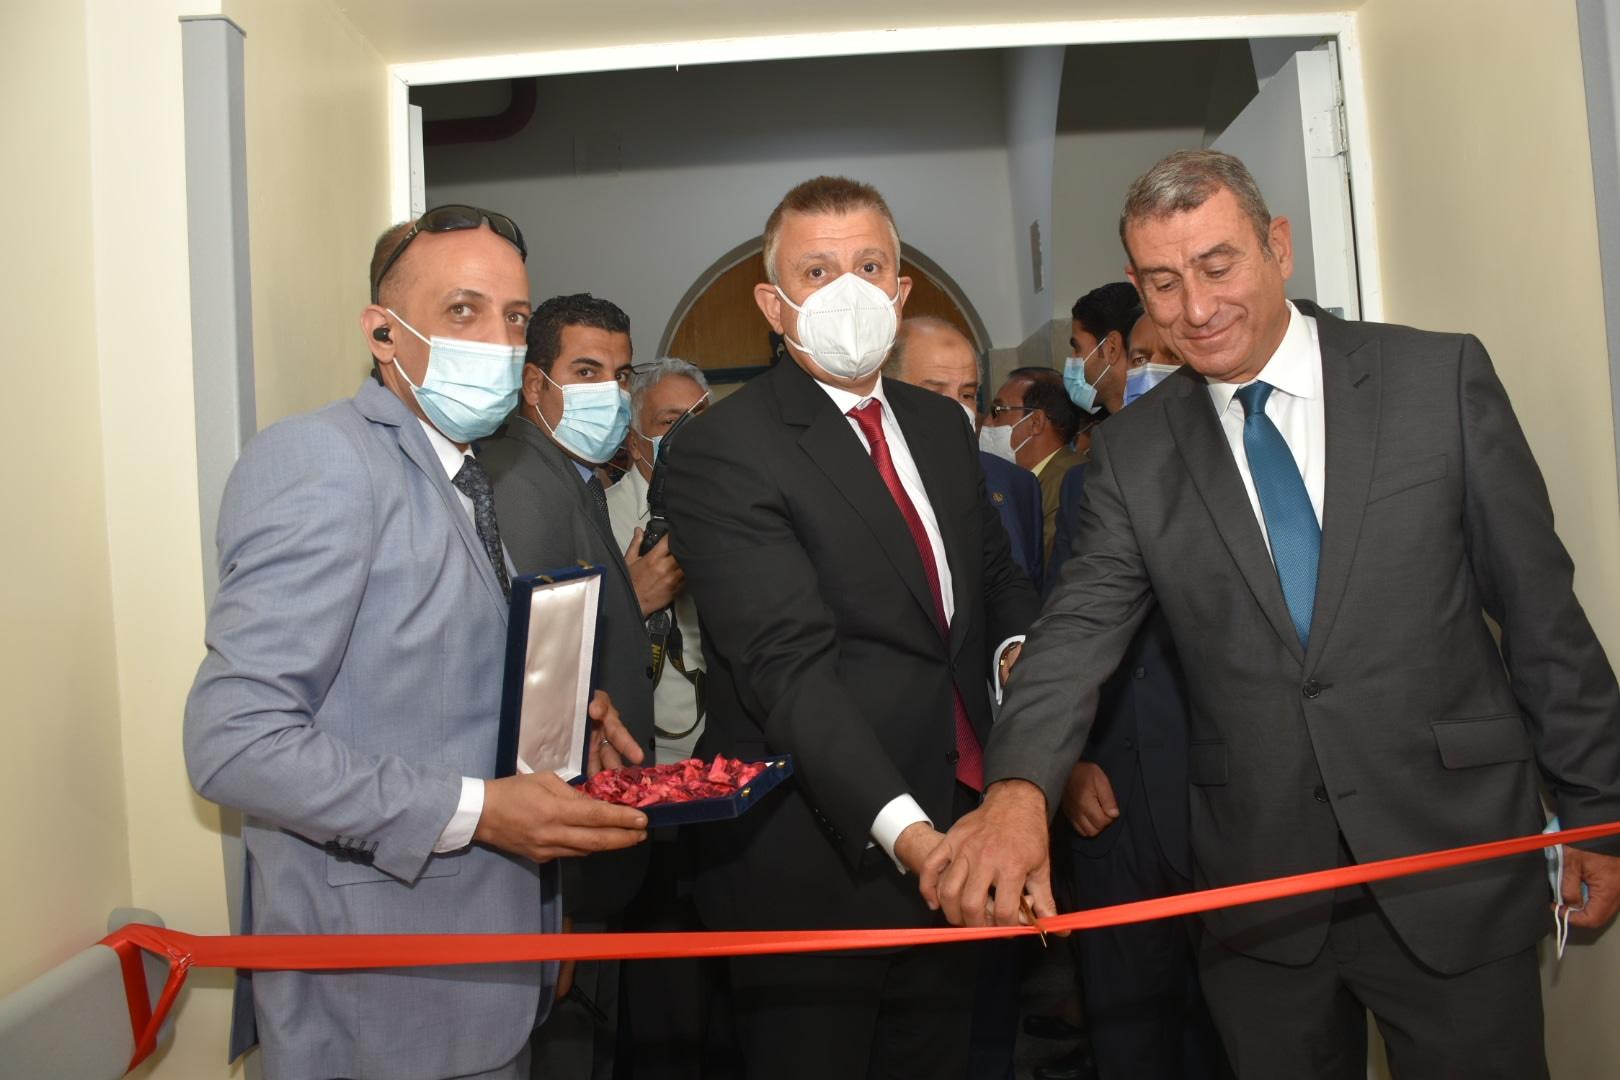 مدير مستشفيات جامعة عين شمس يكشف تفاصيل الافتتاحات الجديدة